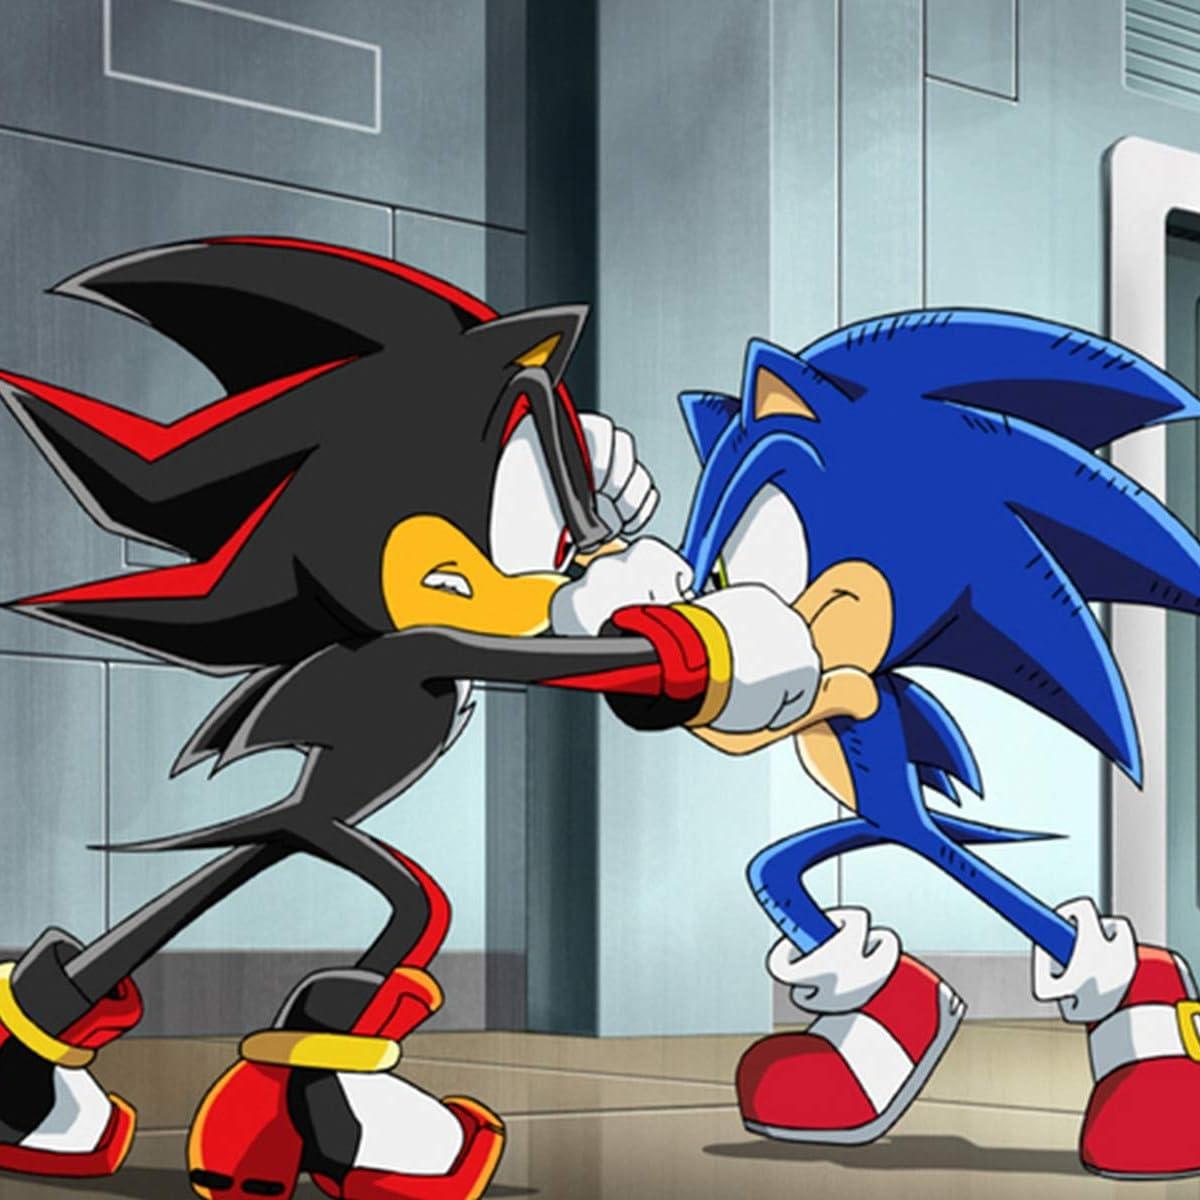 ソニック ザ ヘッジホッグ Sonic The Hedgehog Ipad壁紙 シャドウ